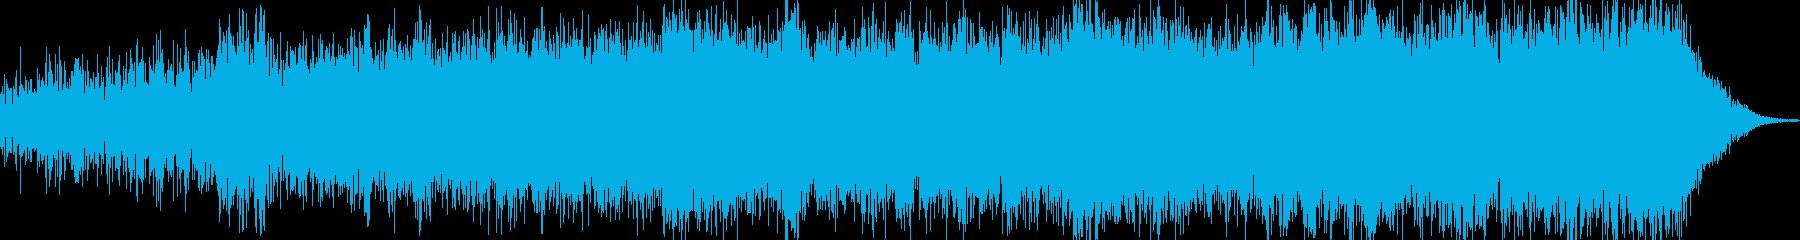 スターシップワープドライブアクセラ...の再生済みの波形